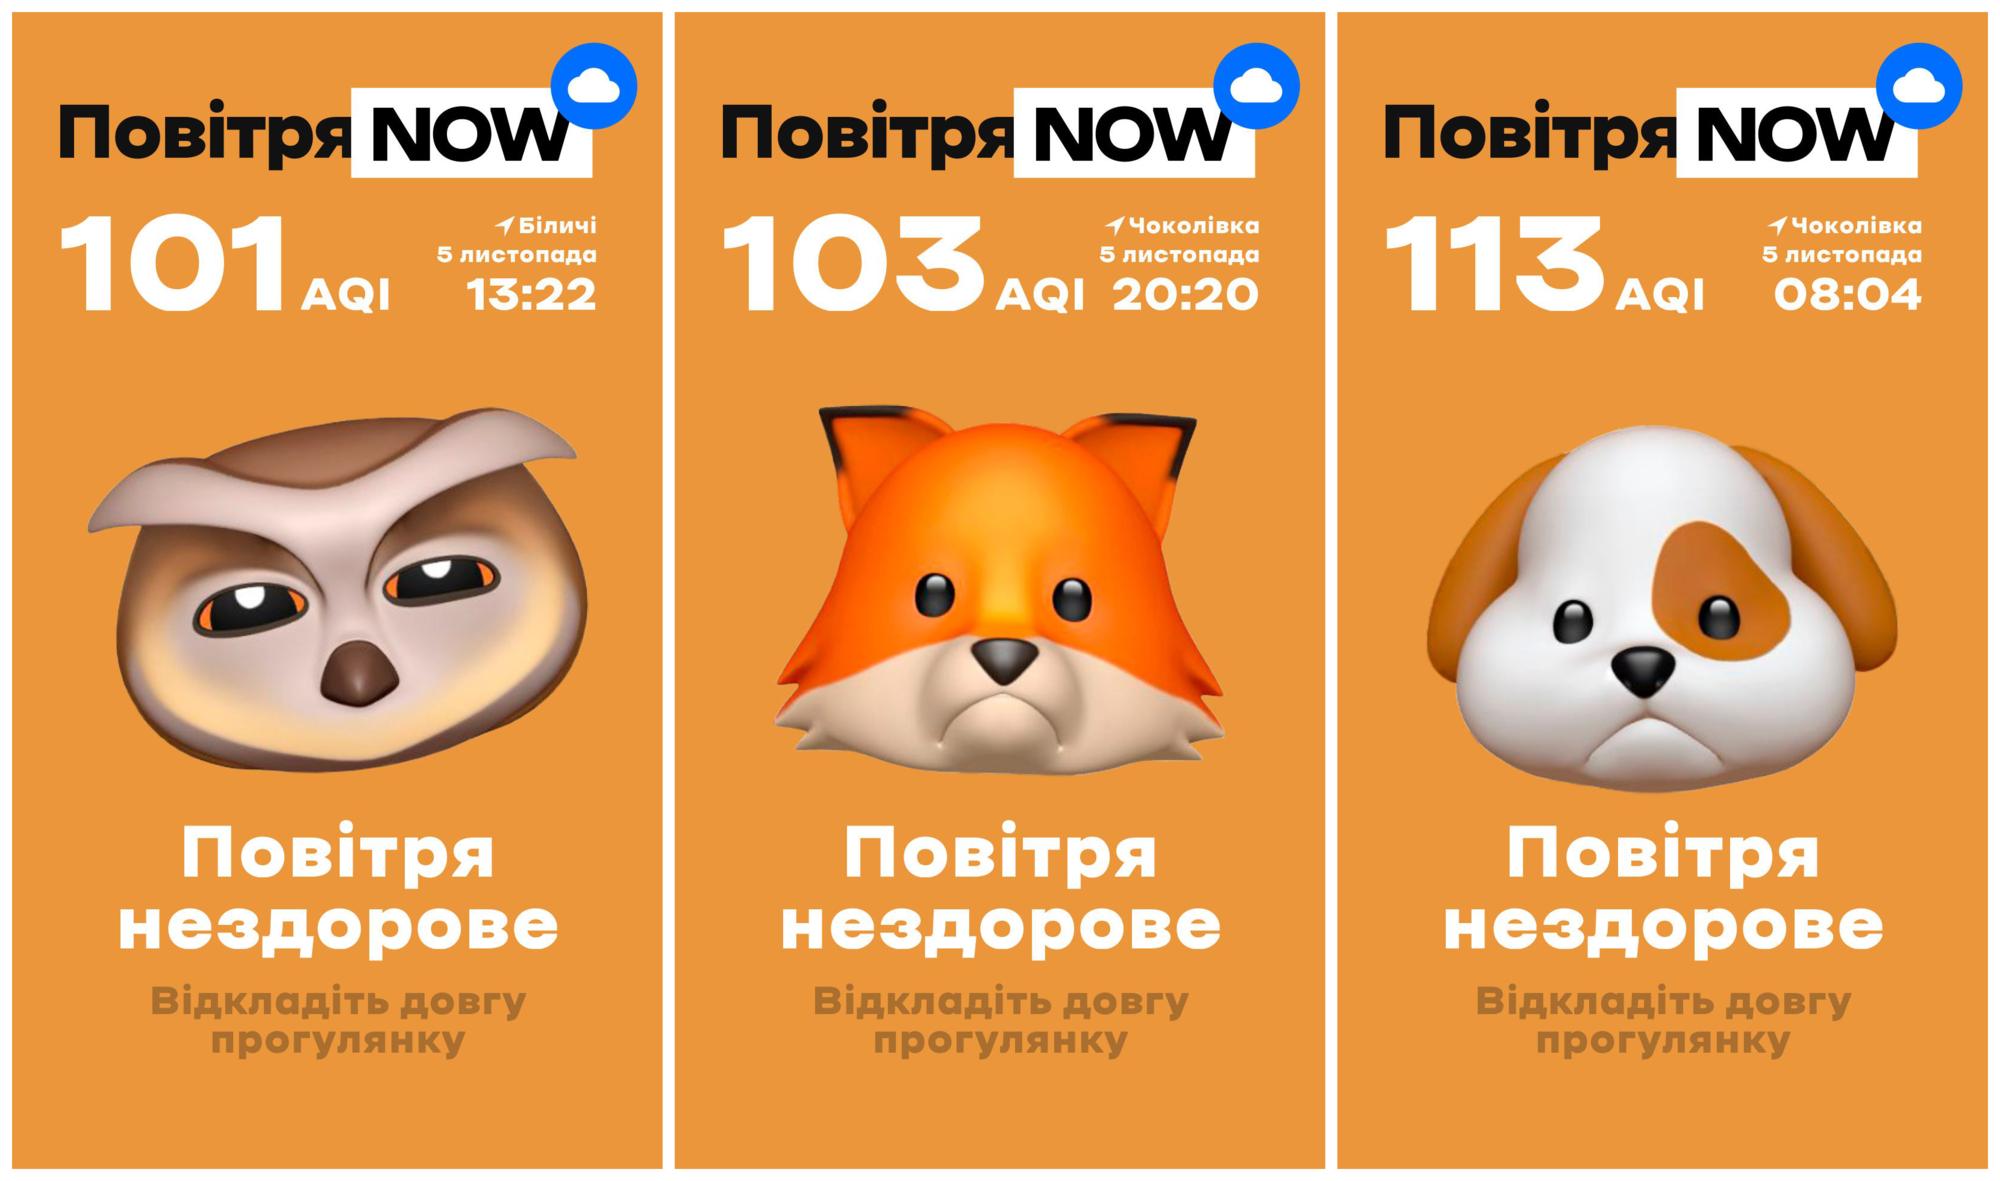 Київський сервіс з моніторінгу якості повітря тепер оновлюються щохвилинно